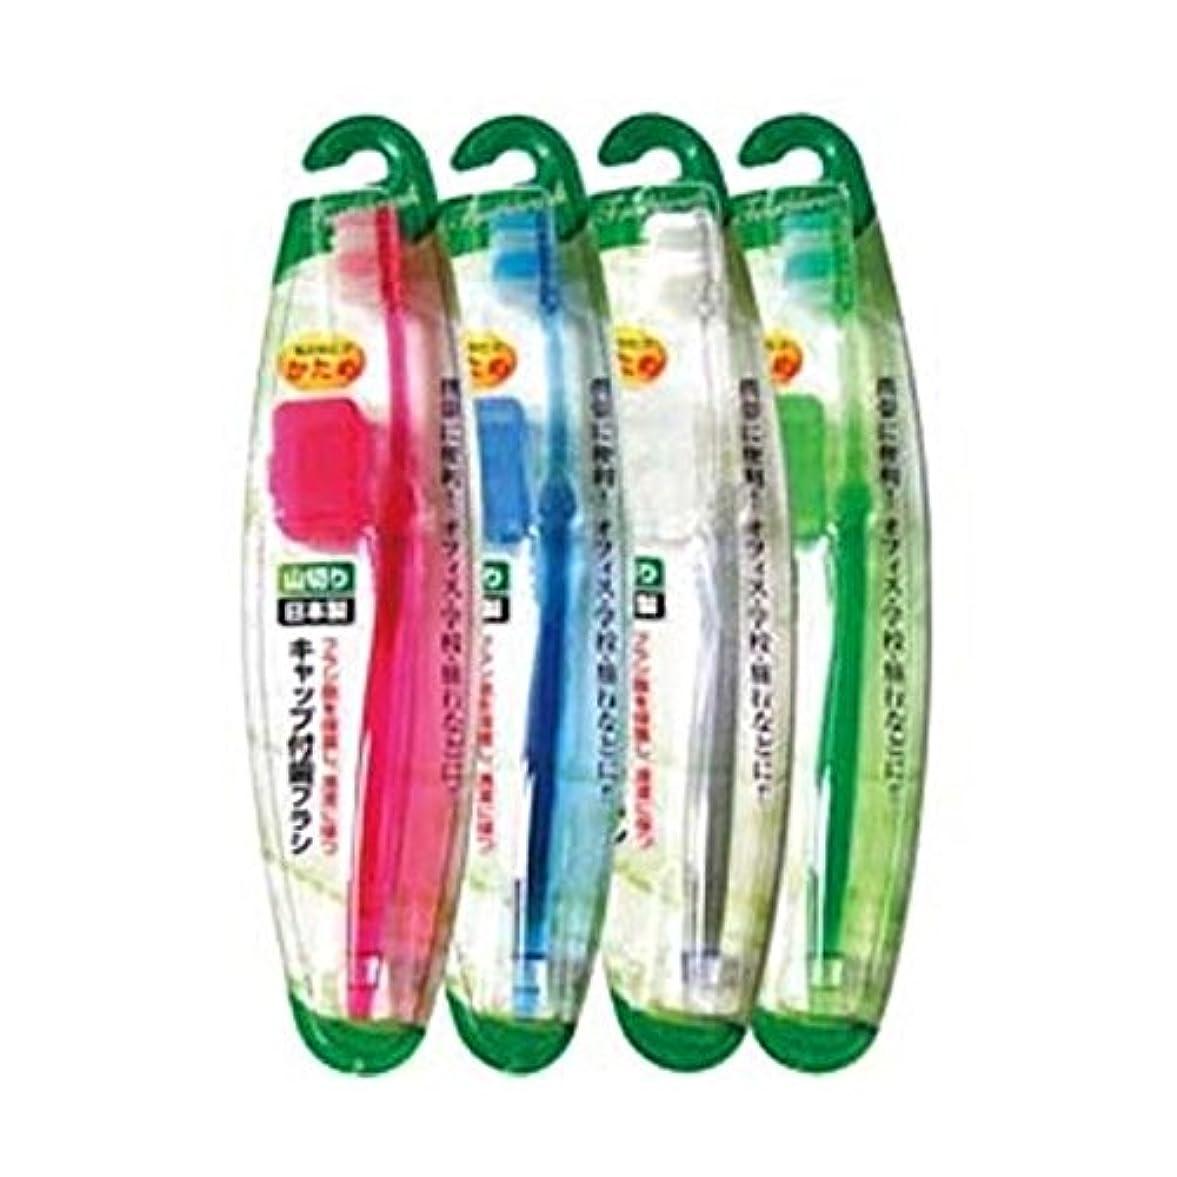 気づかないアンタゴニスト不十分健康用品 キャップ付歯ブラシ山切りカット(かため)日本製 【12個セット】 41-210